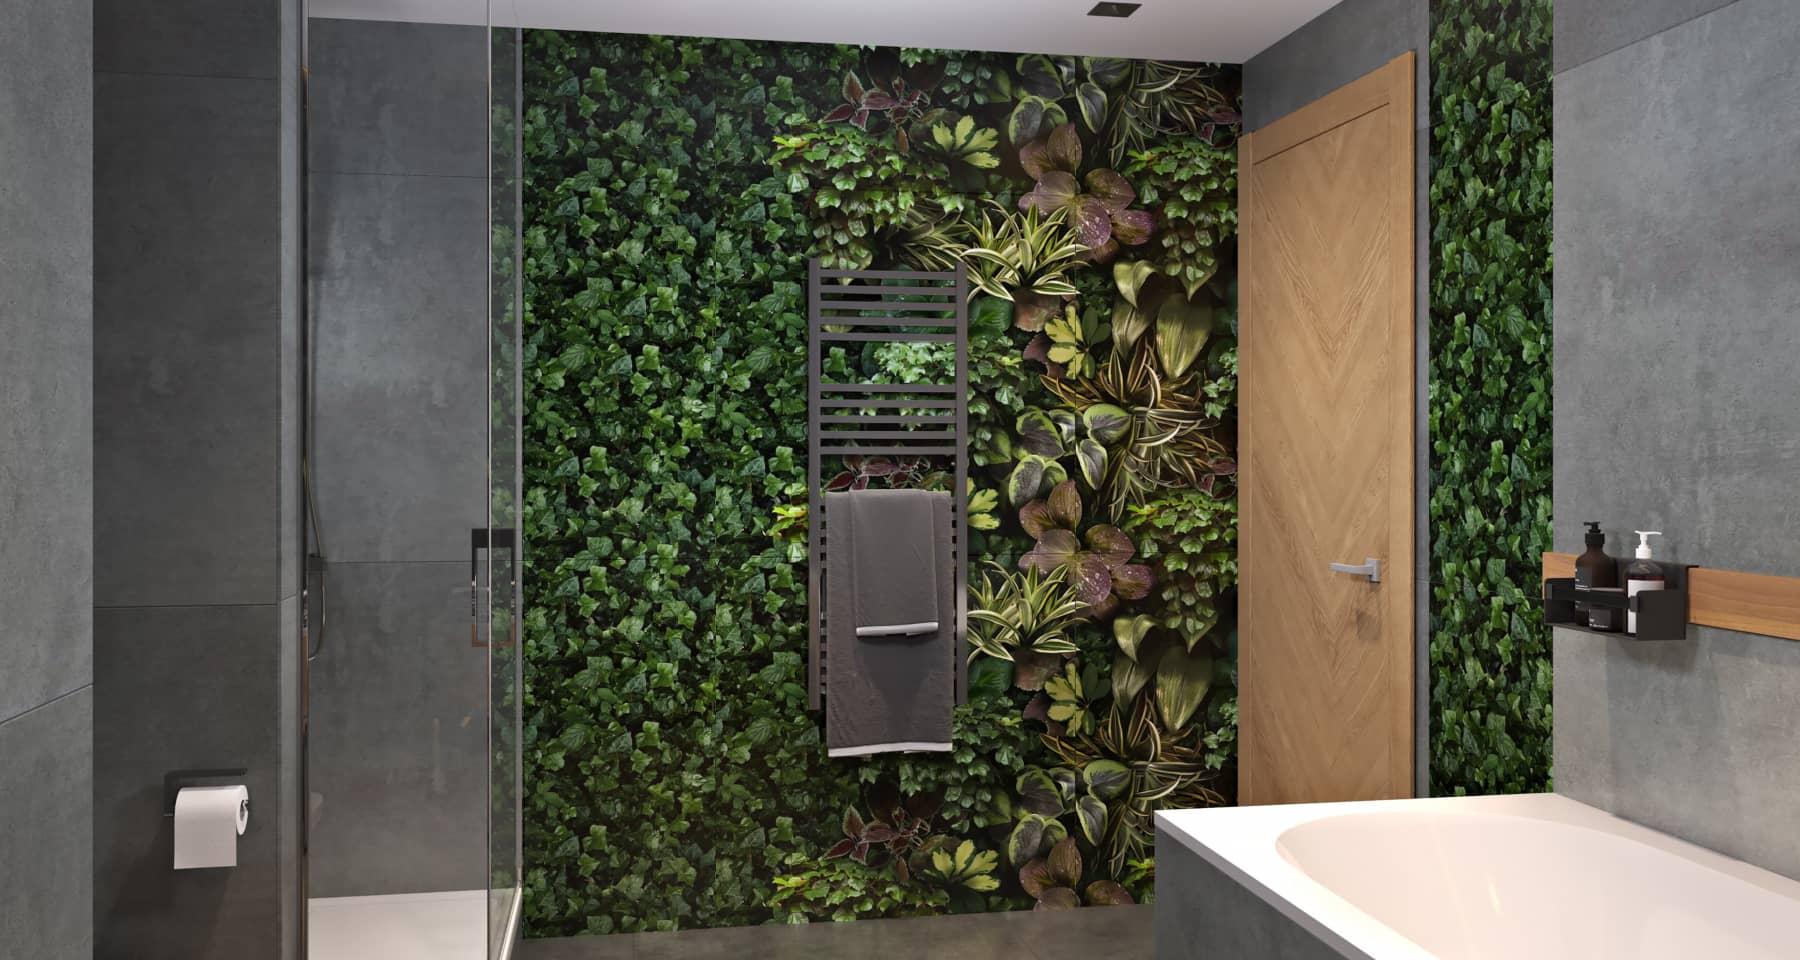 Плитка имитирующая зеленую стену в ванной